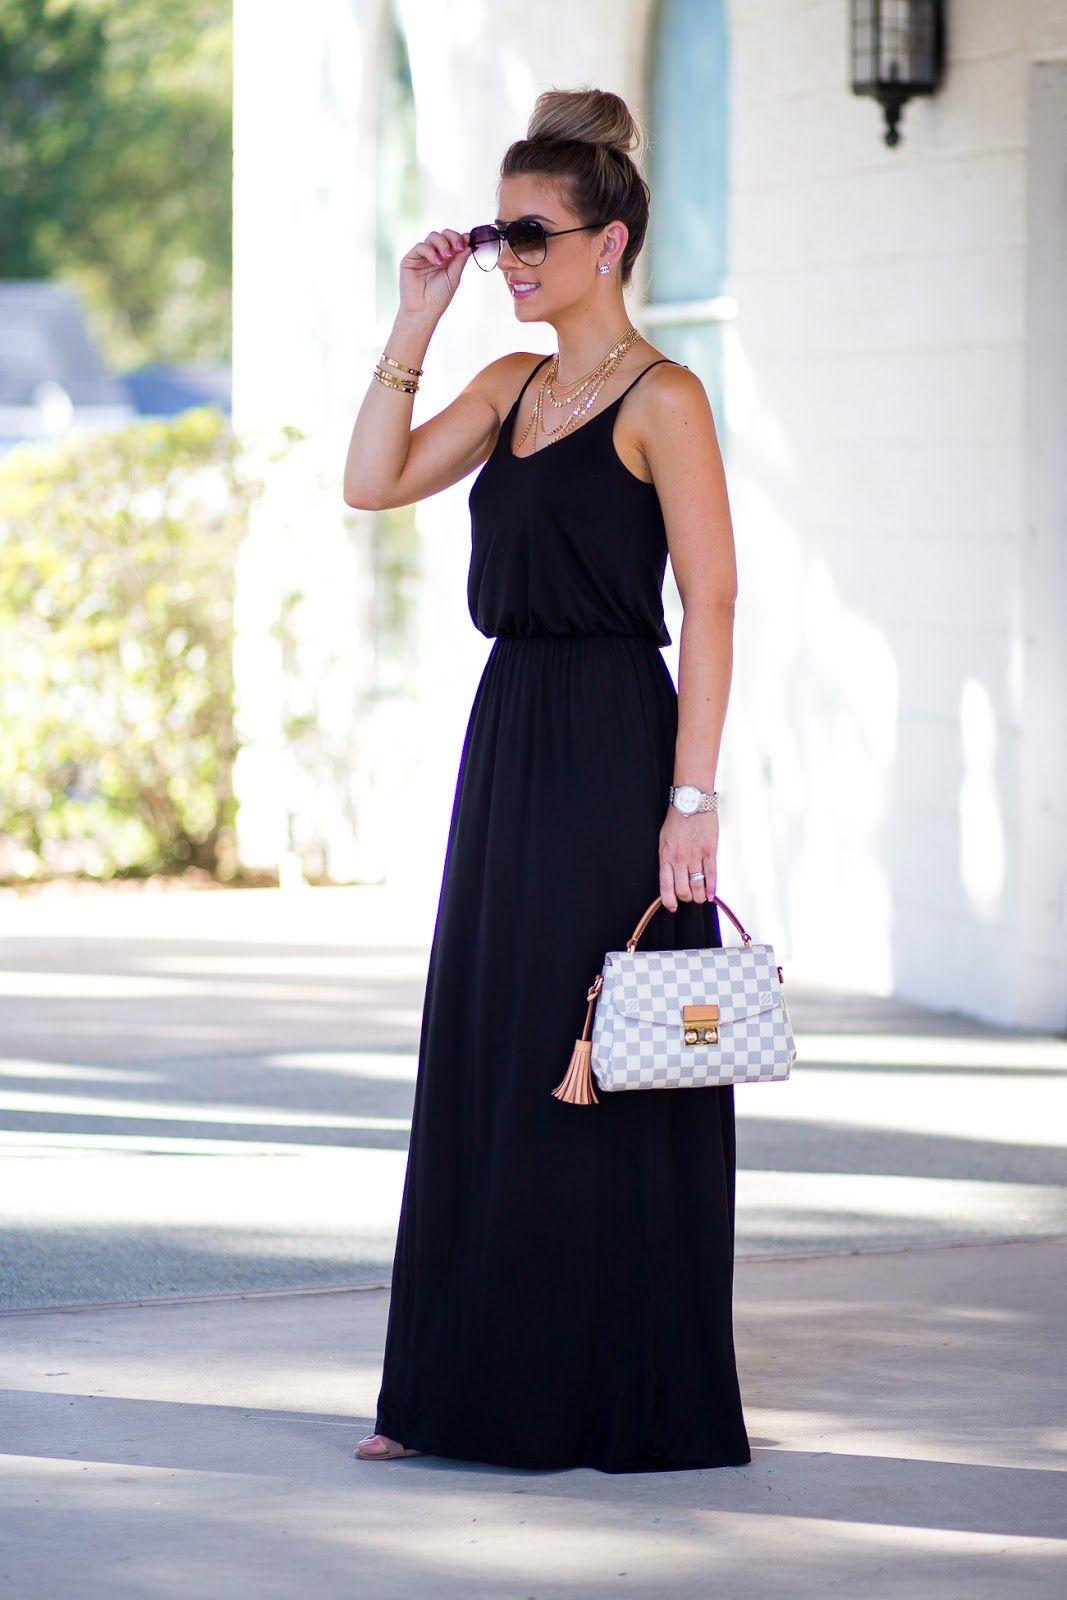 fcf44838380ba Little black dress Under  50. Louis Vuitton Croisette bag